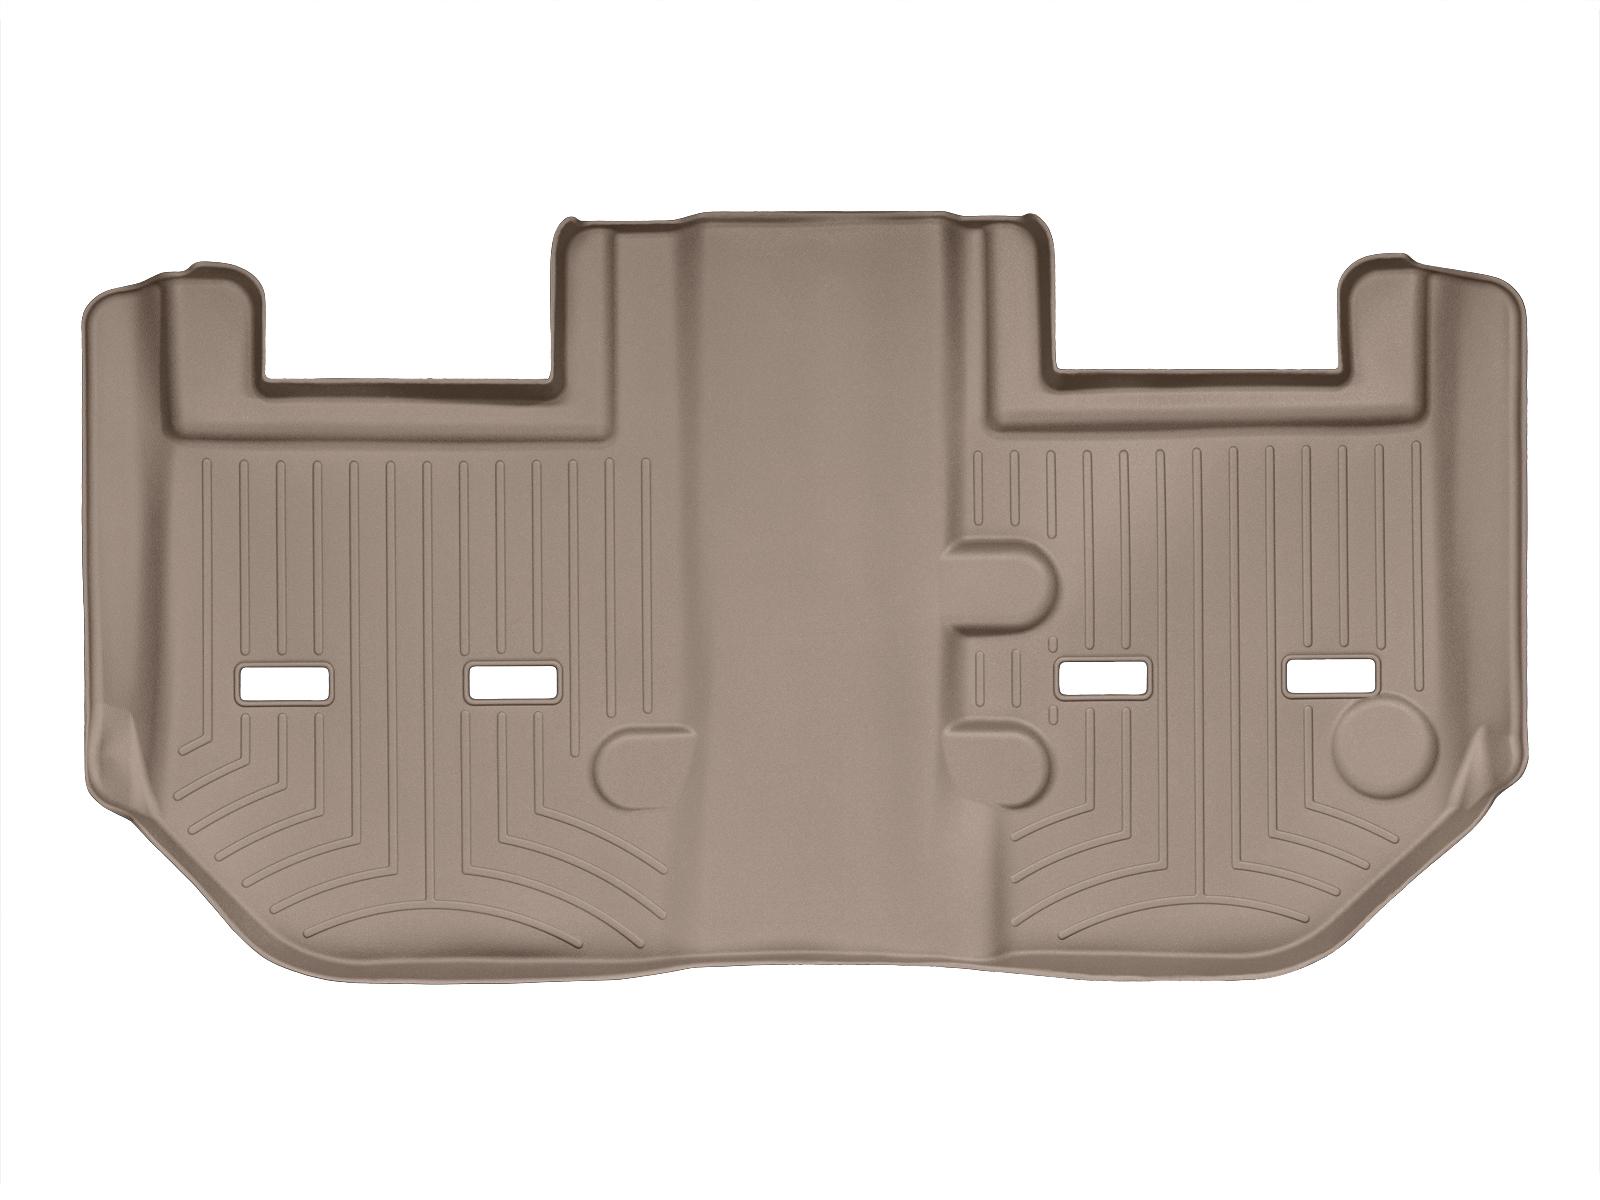 Tappeti gomma su misura bordo alto Cadillac Escalade ESV 11>14 Marrone A64*